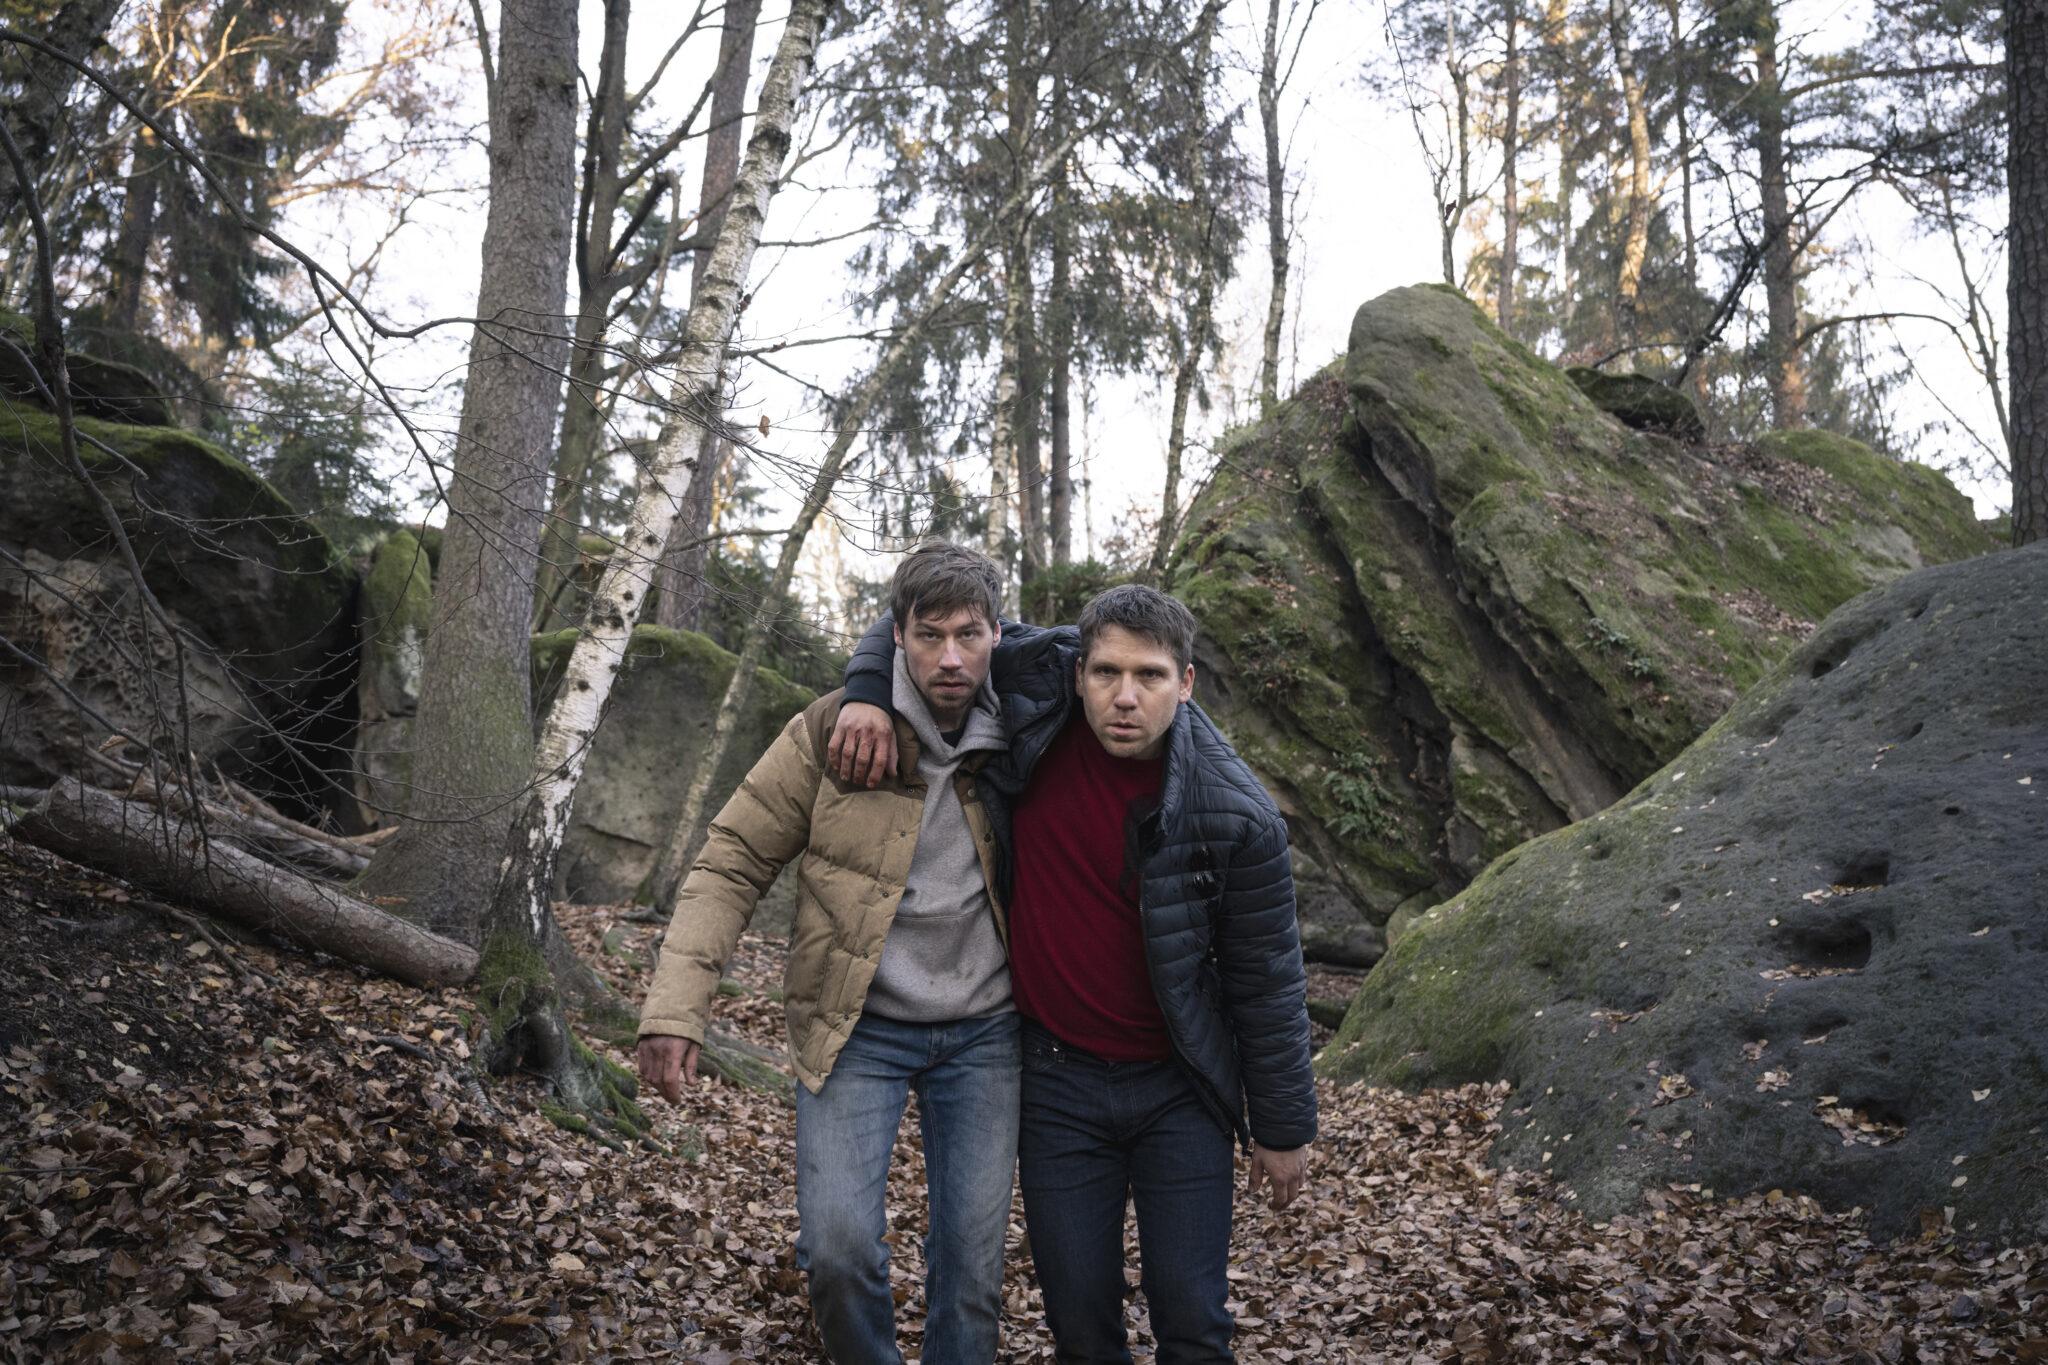 Roman (David Kross) stützt seinen verletzten Bruder Albert (Hanno Koffler) während die beiden durch den Wald laufen. Im Hintergrund sieht man kahle Bäume und große Felsen, der Boden ist laubbedeckt.